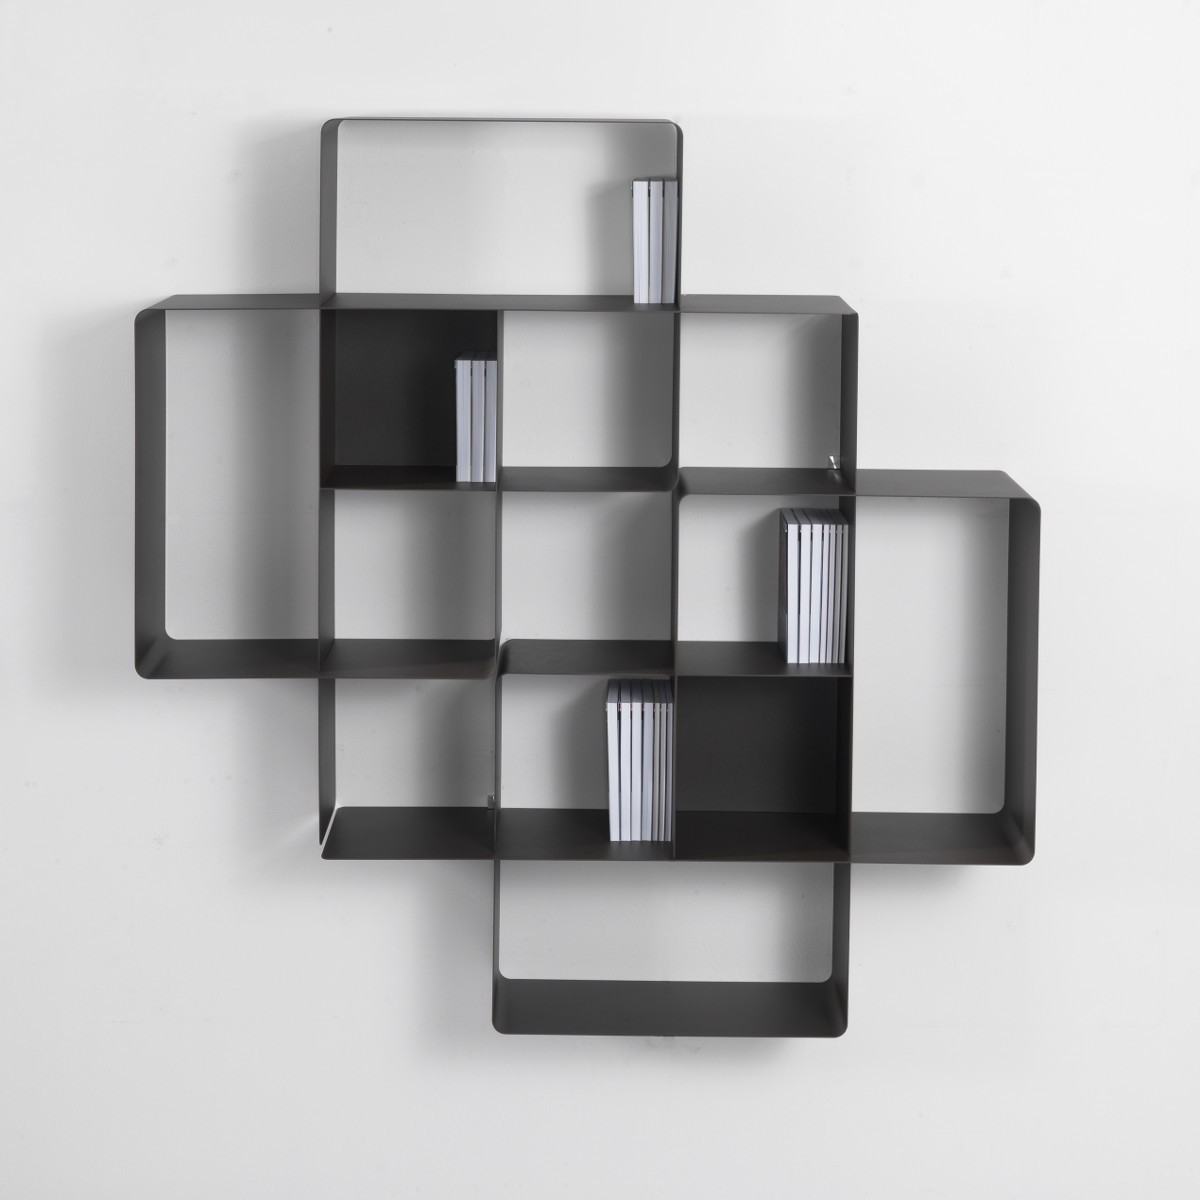 Librerie Parete Moderne.Libreria A Parete Moderna In Metallo Componibile Design Mondrian